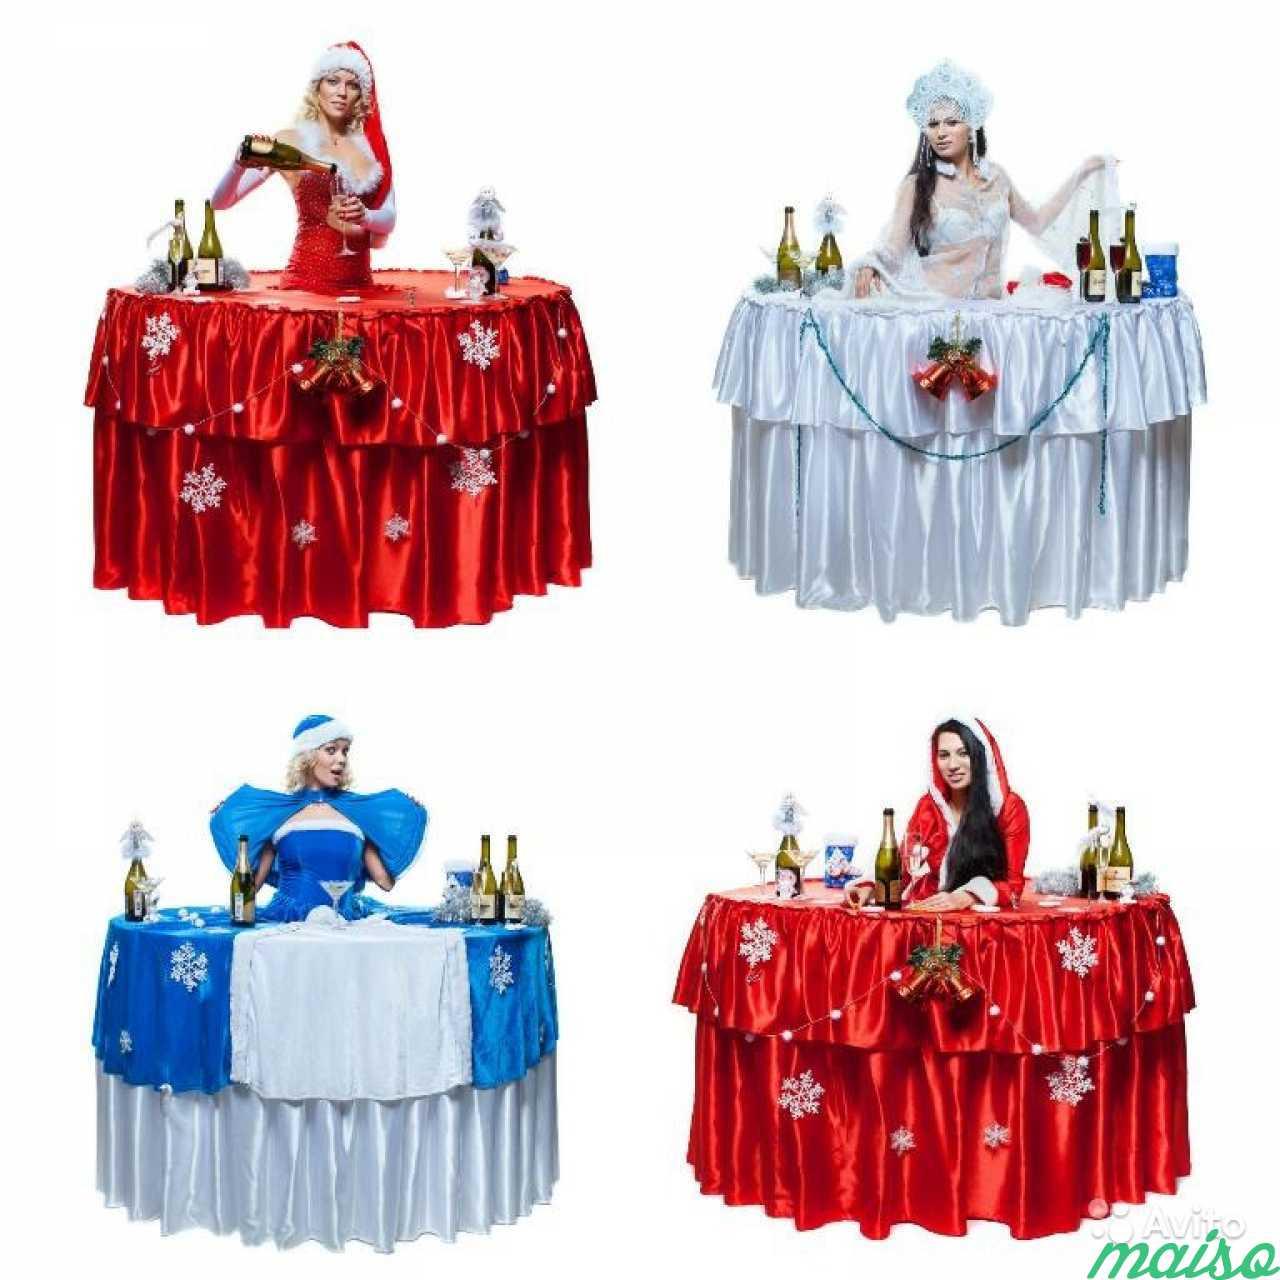 Леди-фуршет — стол нарядный и живой!